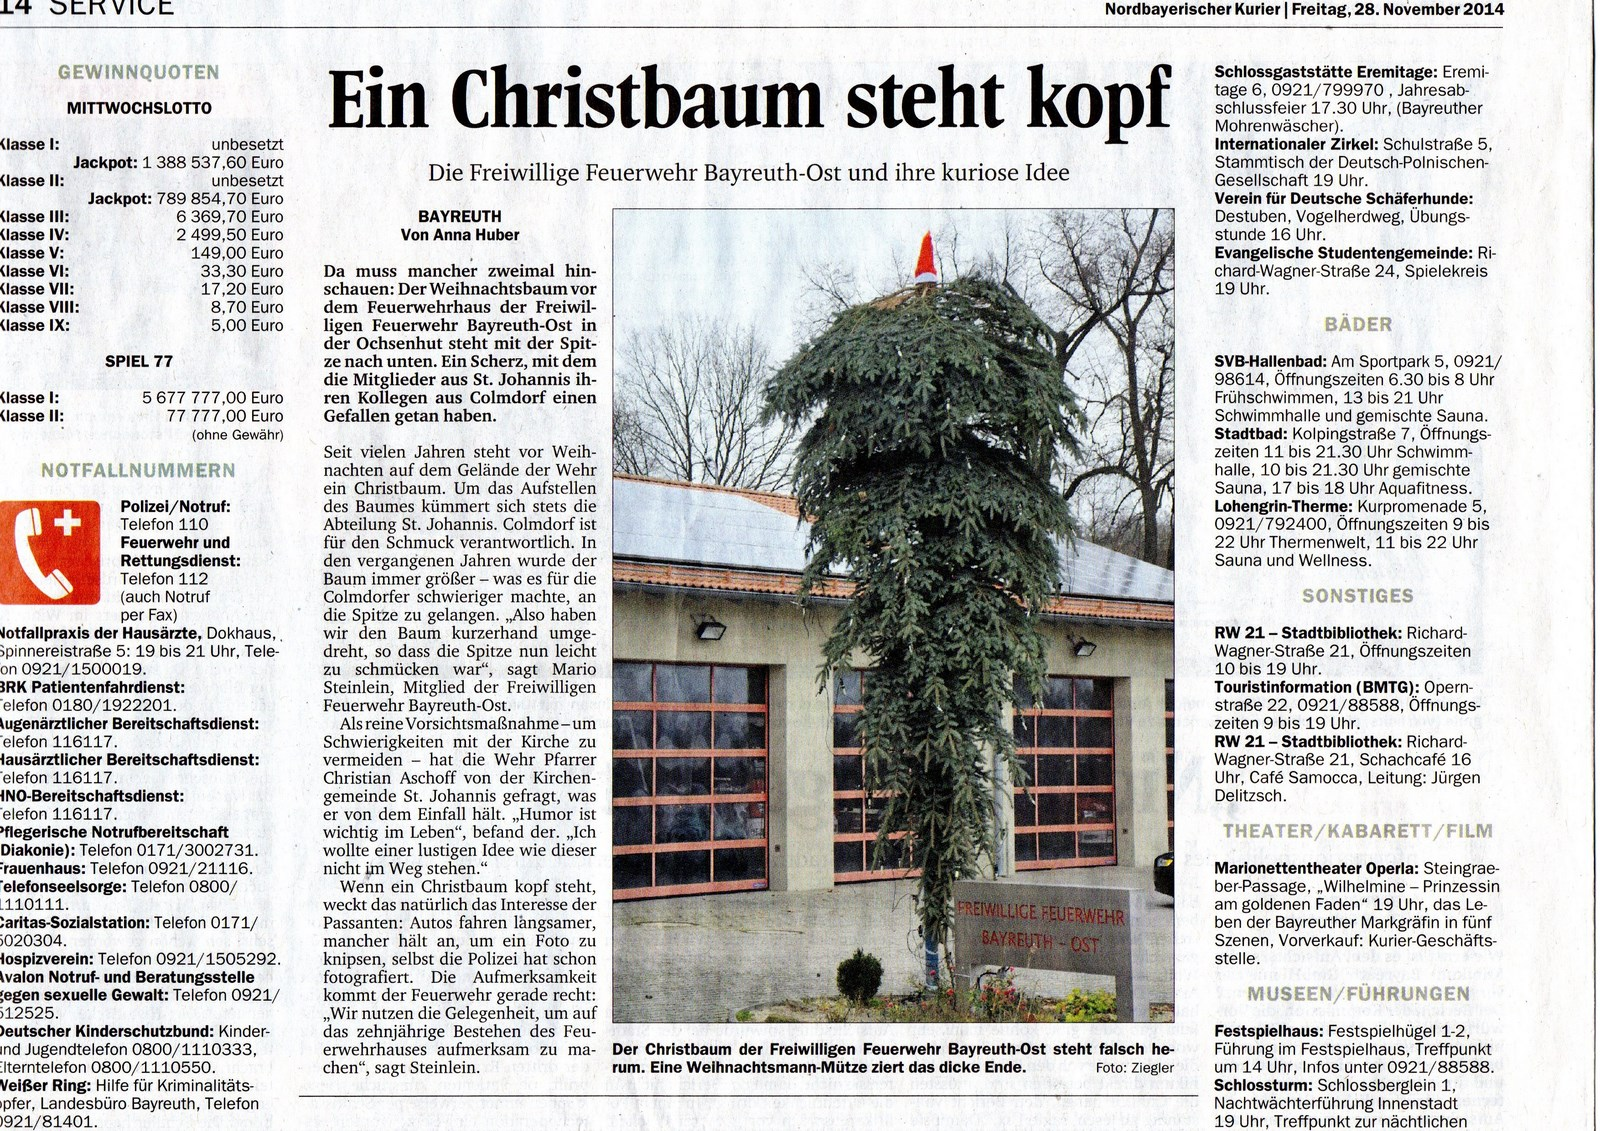 Nordbayerischer Kurier 2014-11-28 [1600x1200]